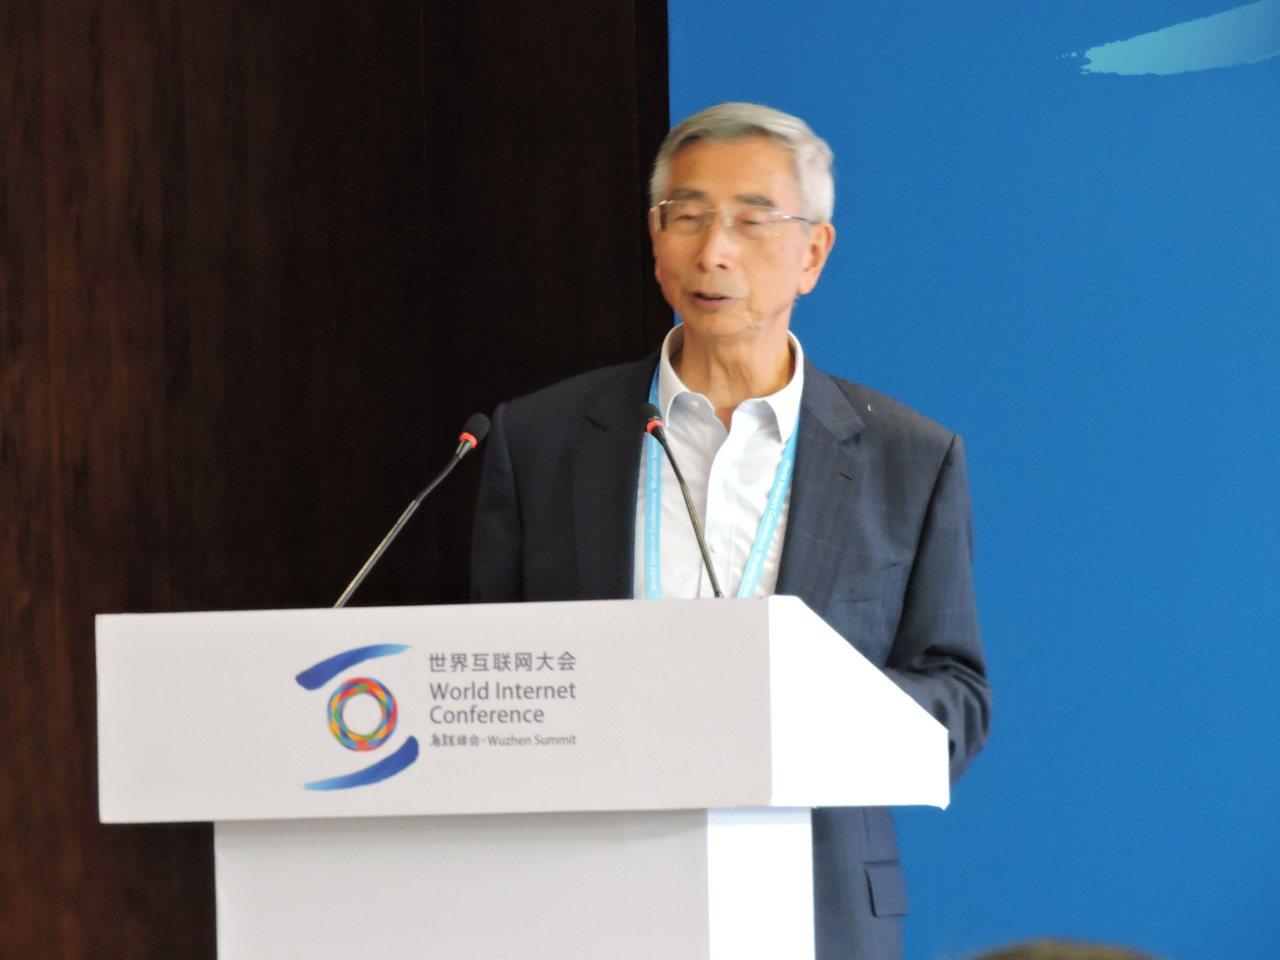 推動「中國芯」的大陸國產晶片之父、中國工程院院士倪光南。記者戴瑞芬/攝影